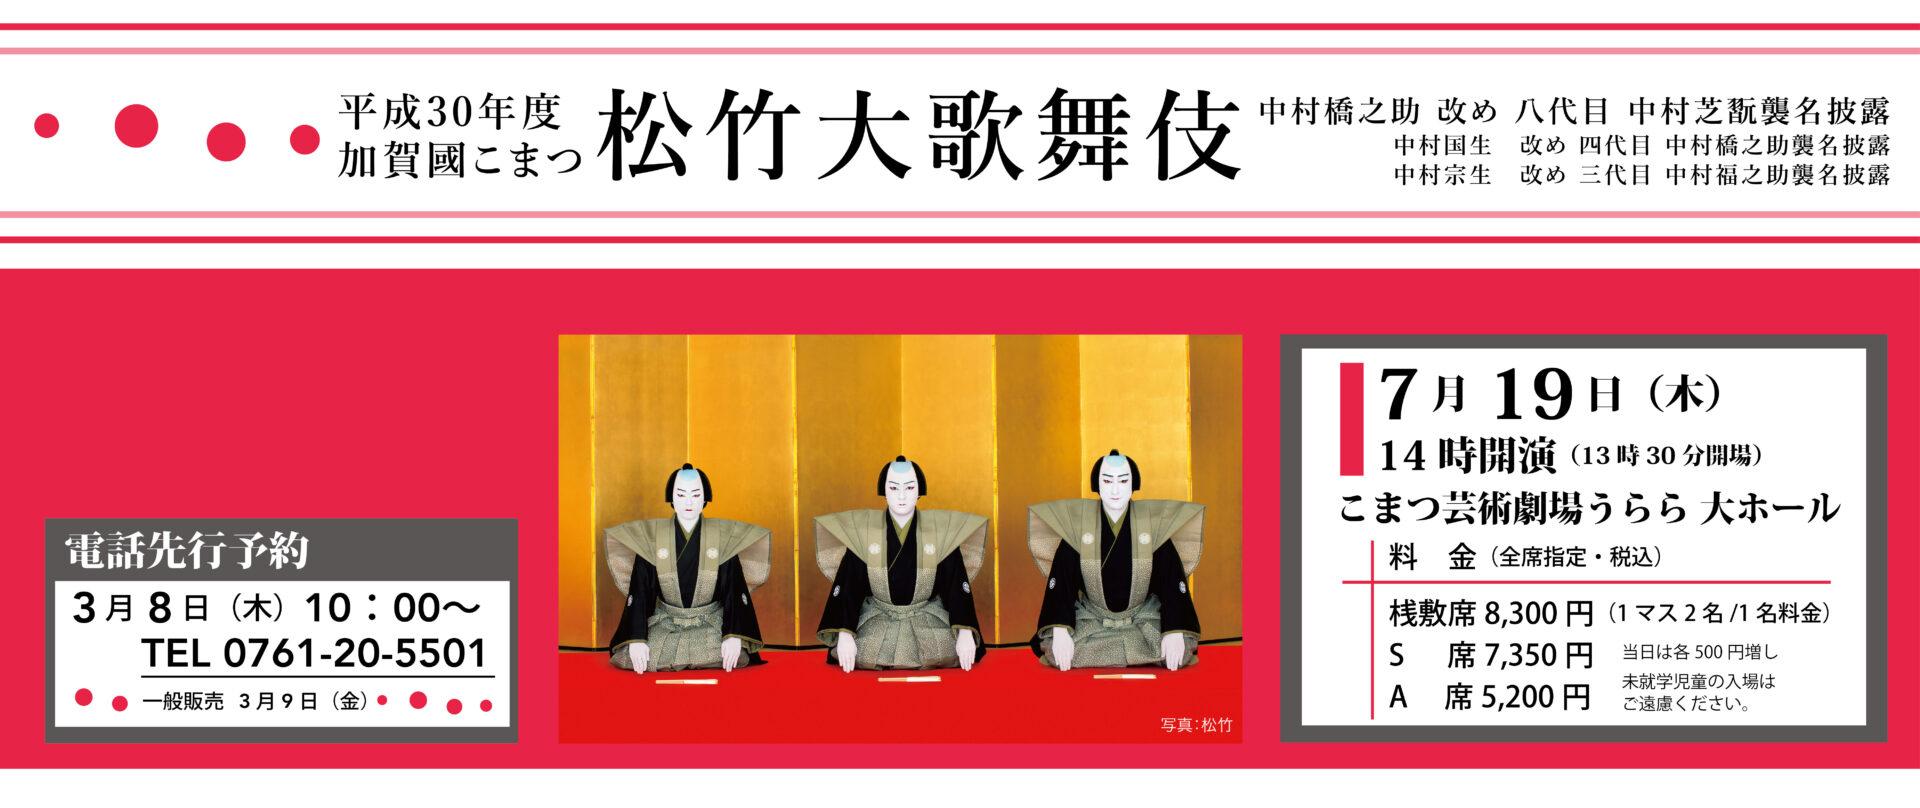 平成30年度加賀國こまつ松竹大歌舞伎